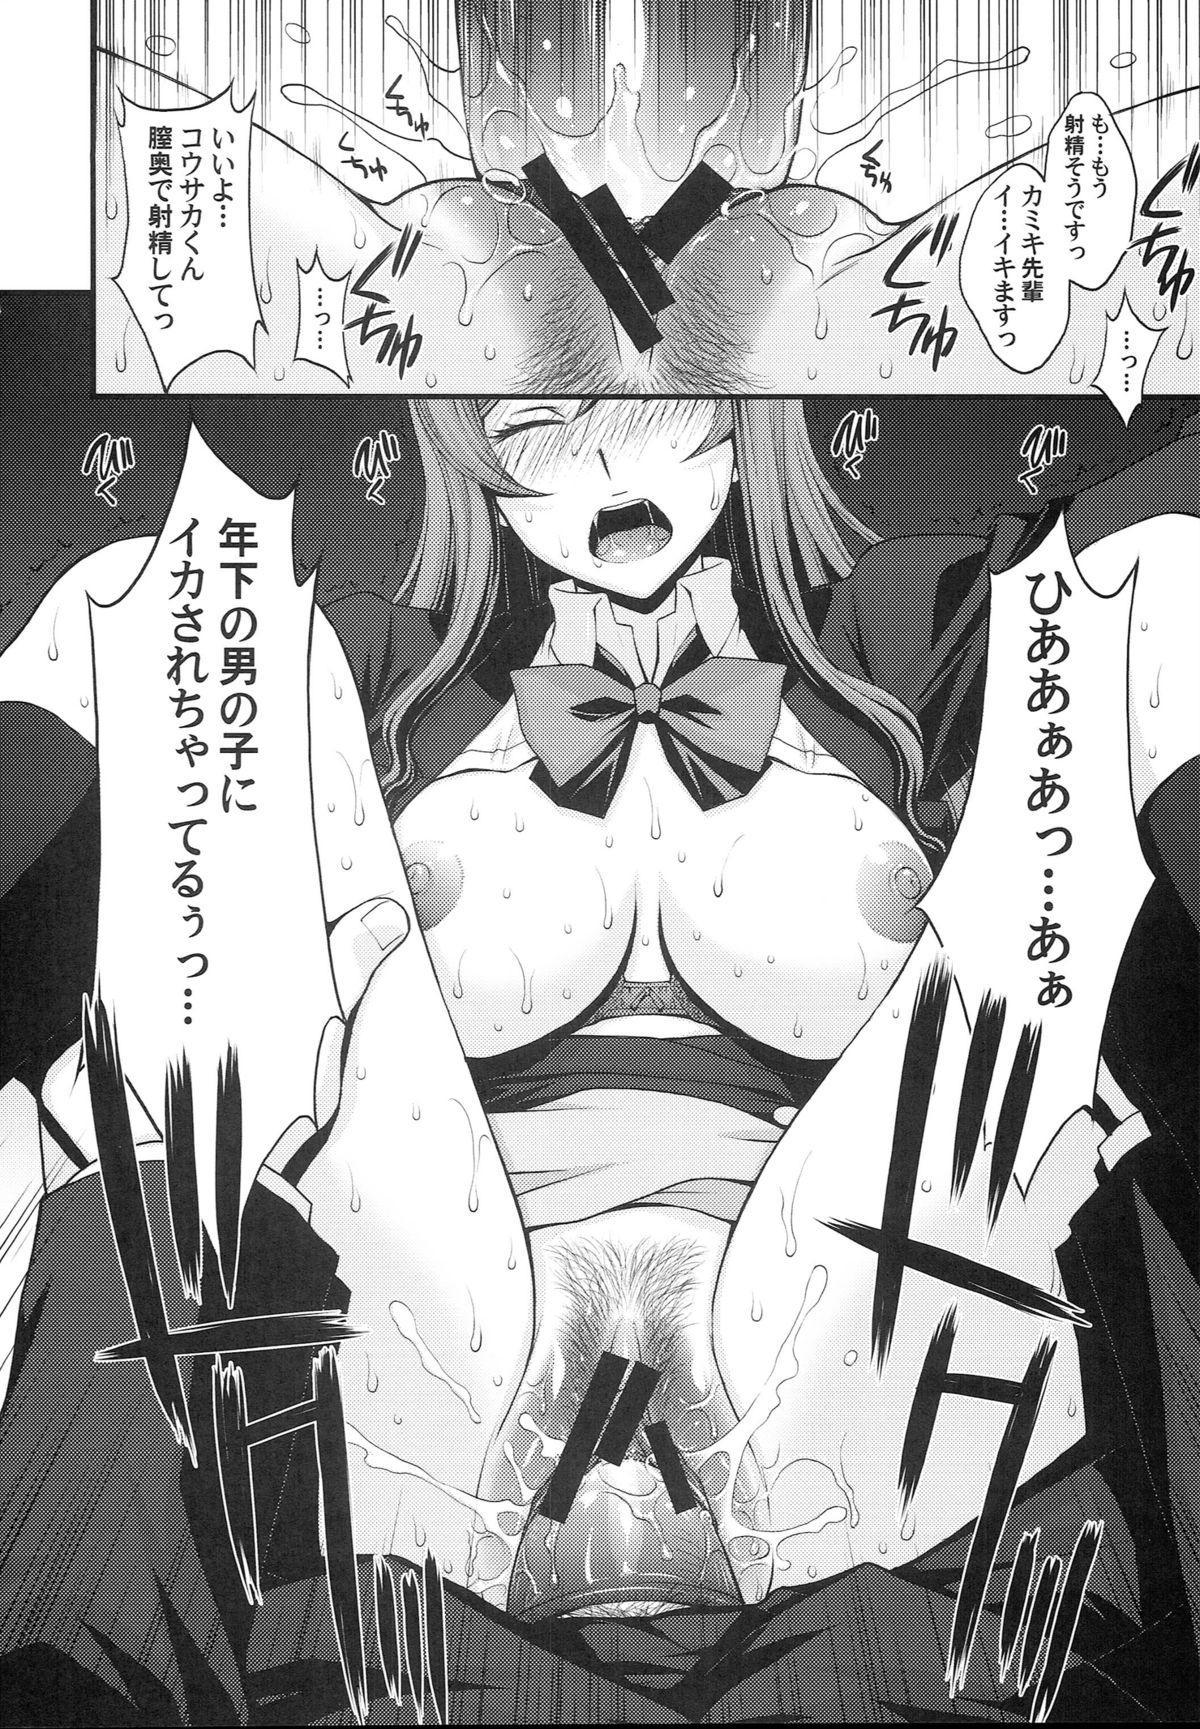 Kousaka-kun Shinpai shinaide Watashi mou 【Maku】 nokotte nai kara 20